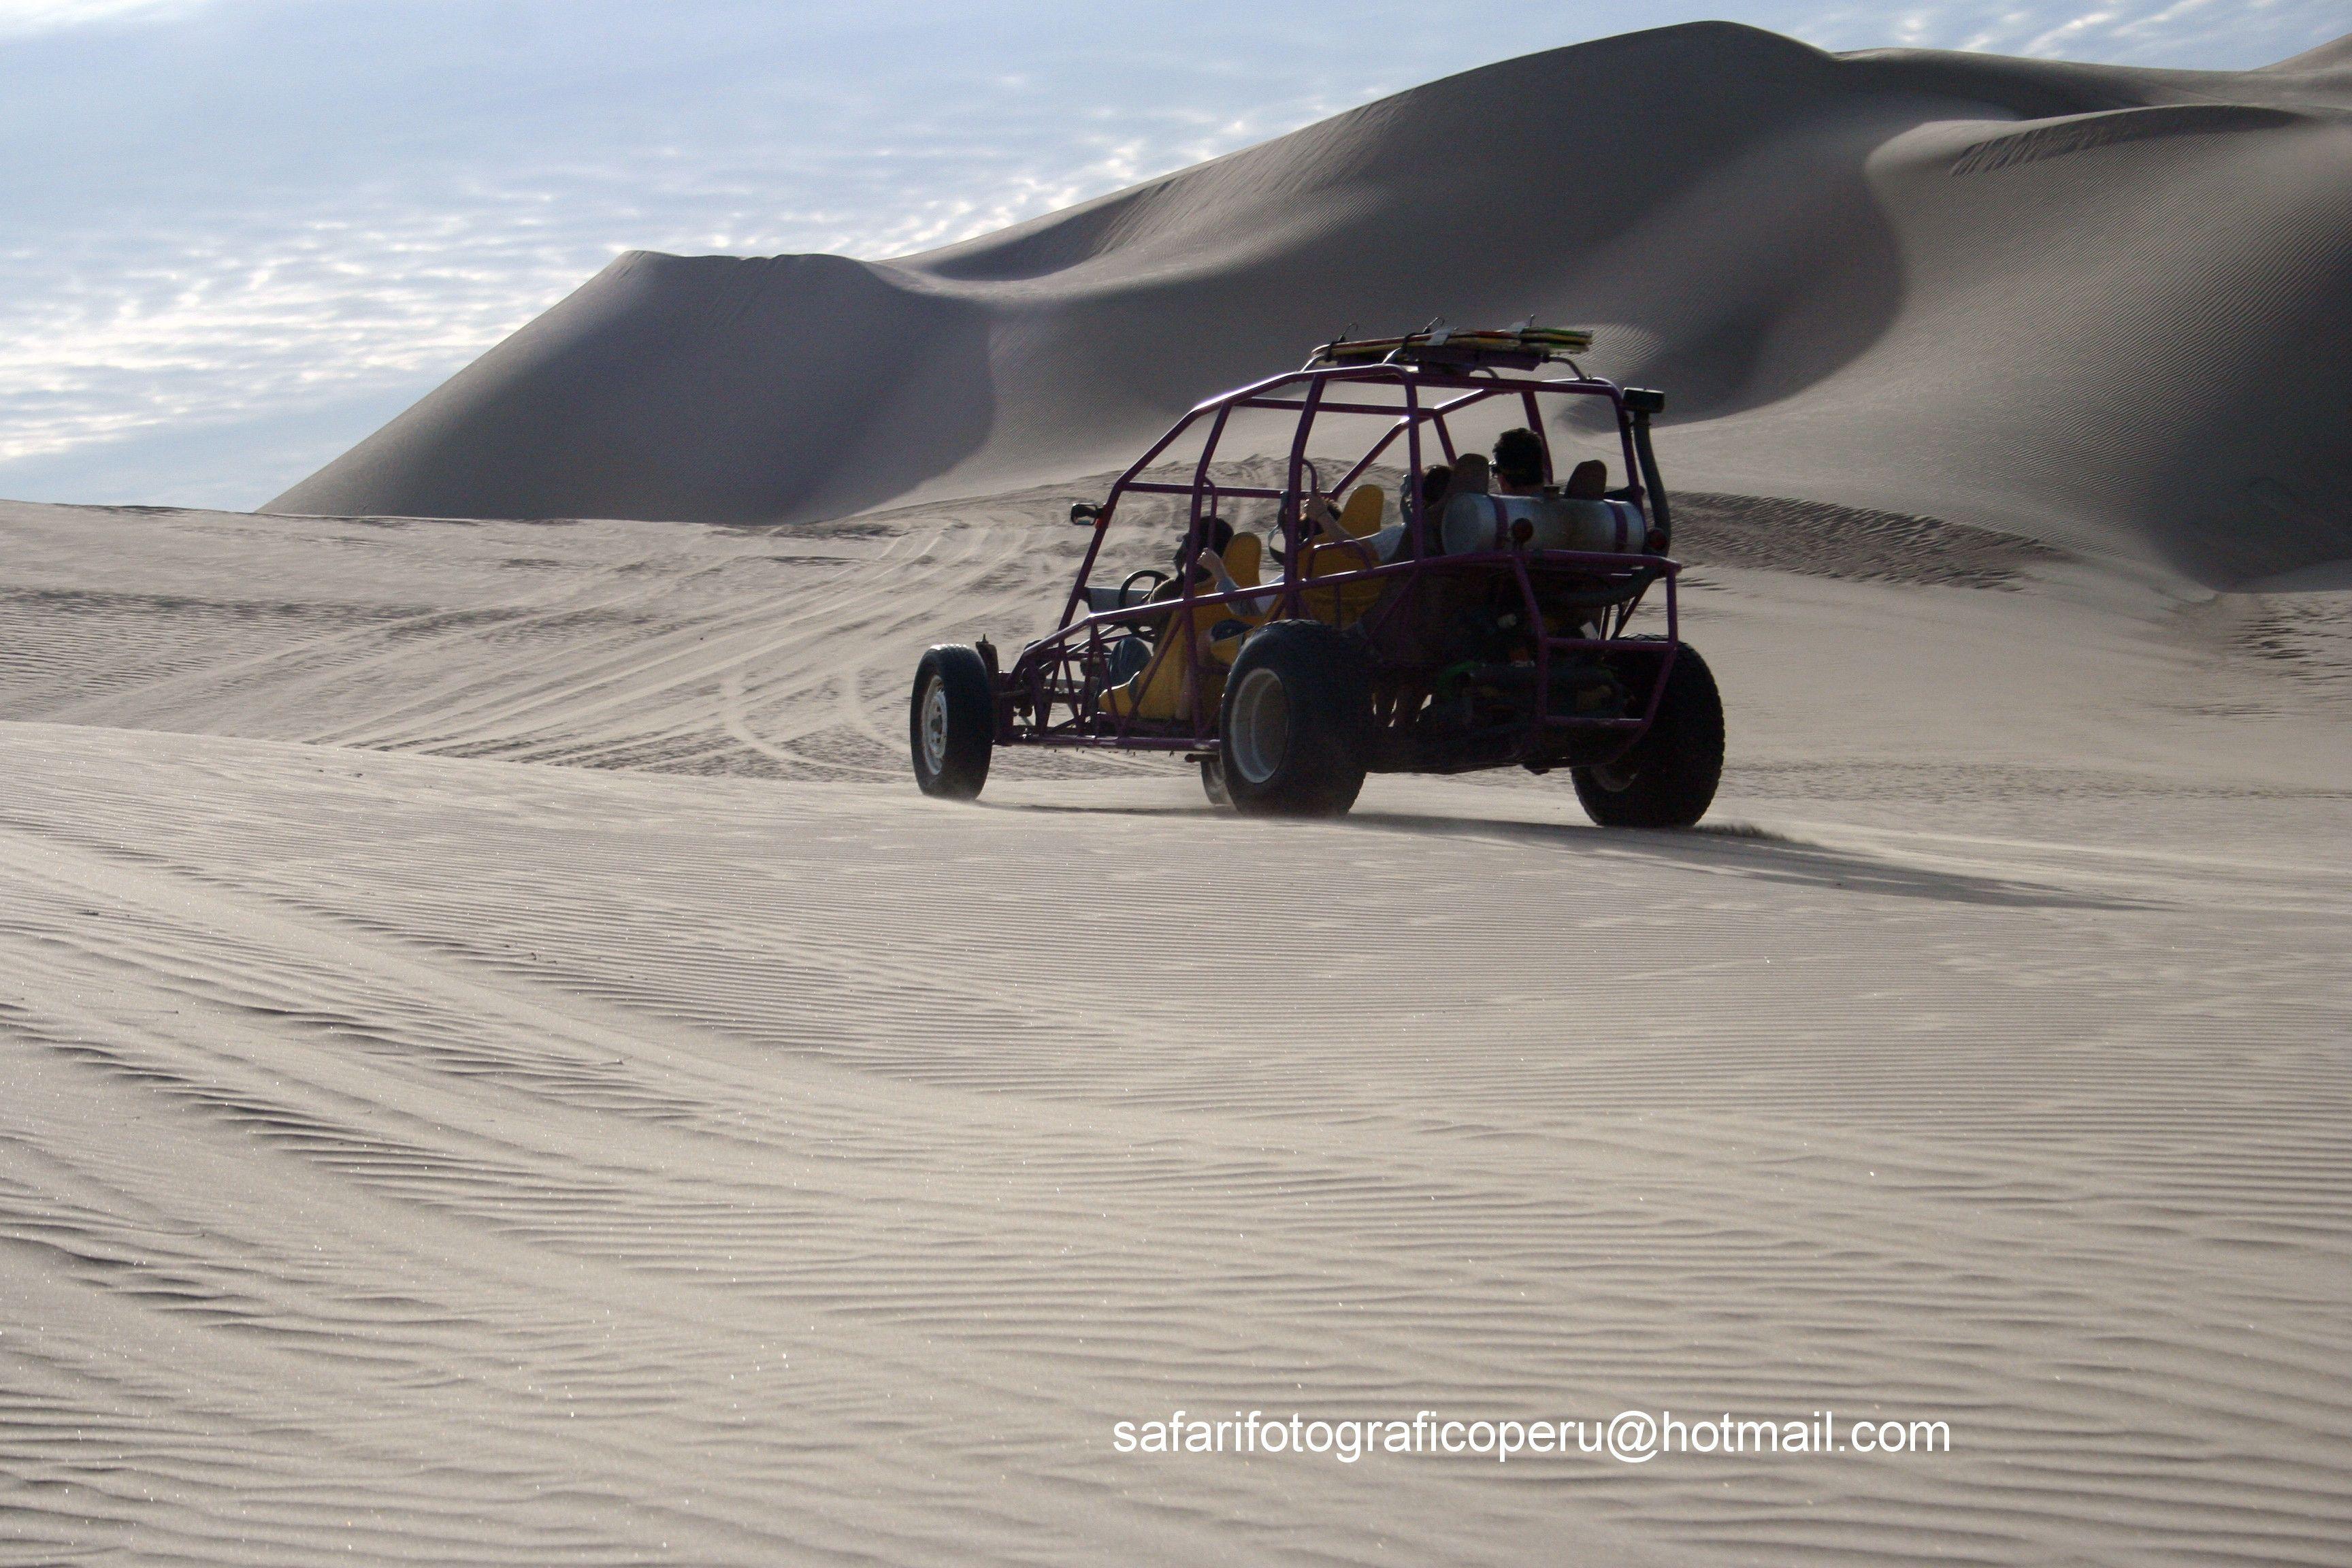 Los vehículos tubulares on el principal medio de transporte entre las dunas iqueñas, diseñados para ofrecerle constante contacto visual con el entorno sin arriesgar su seguridad.